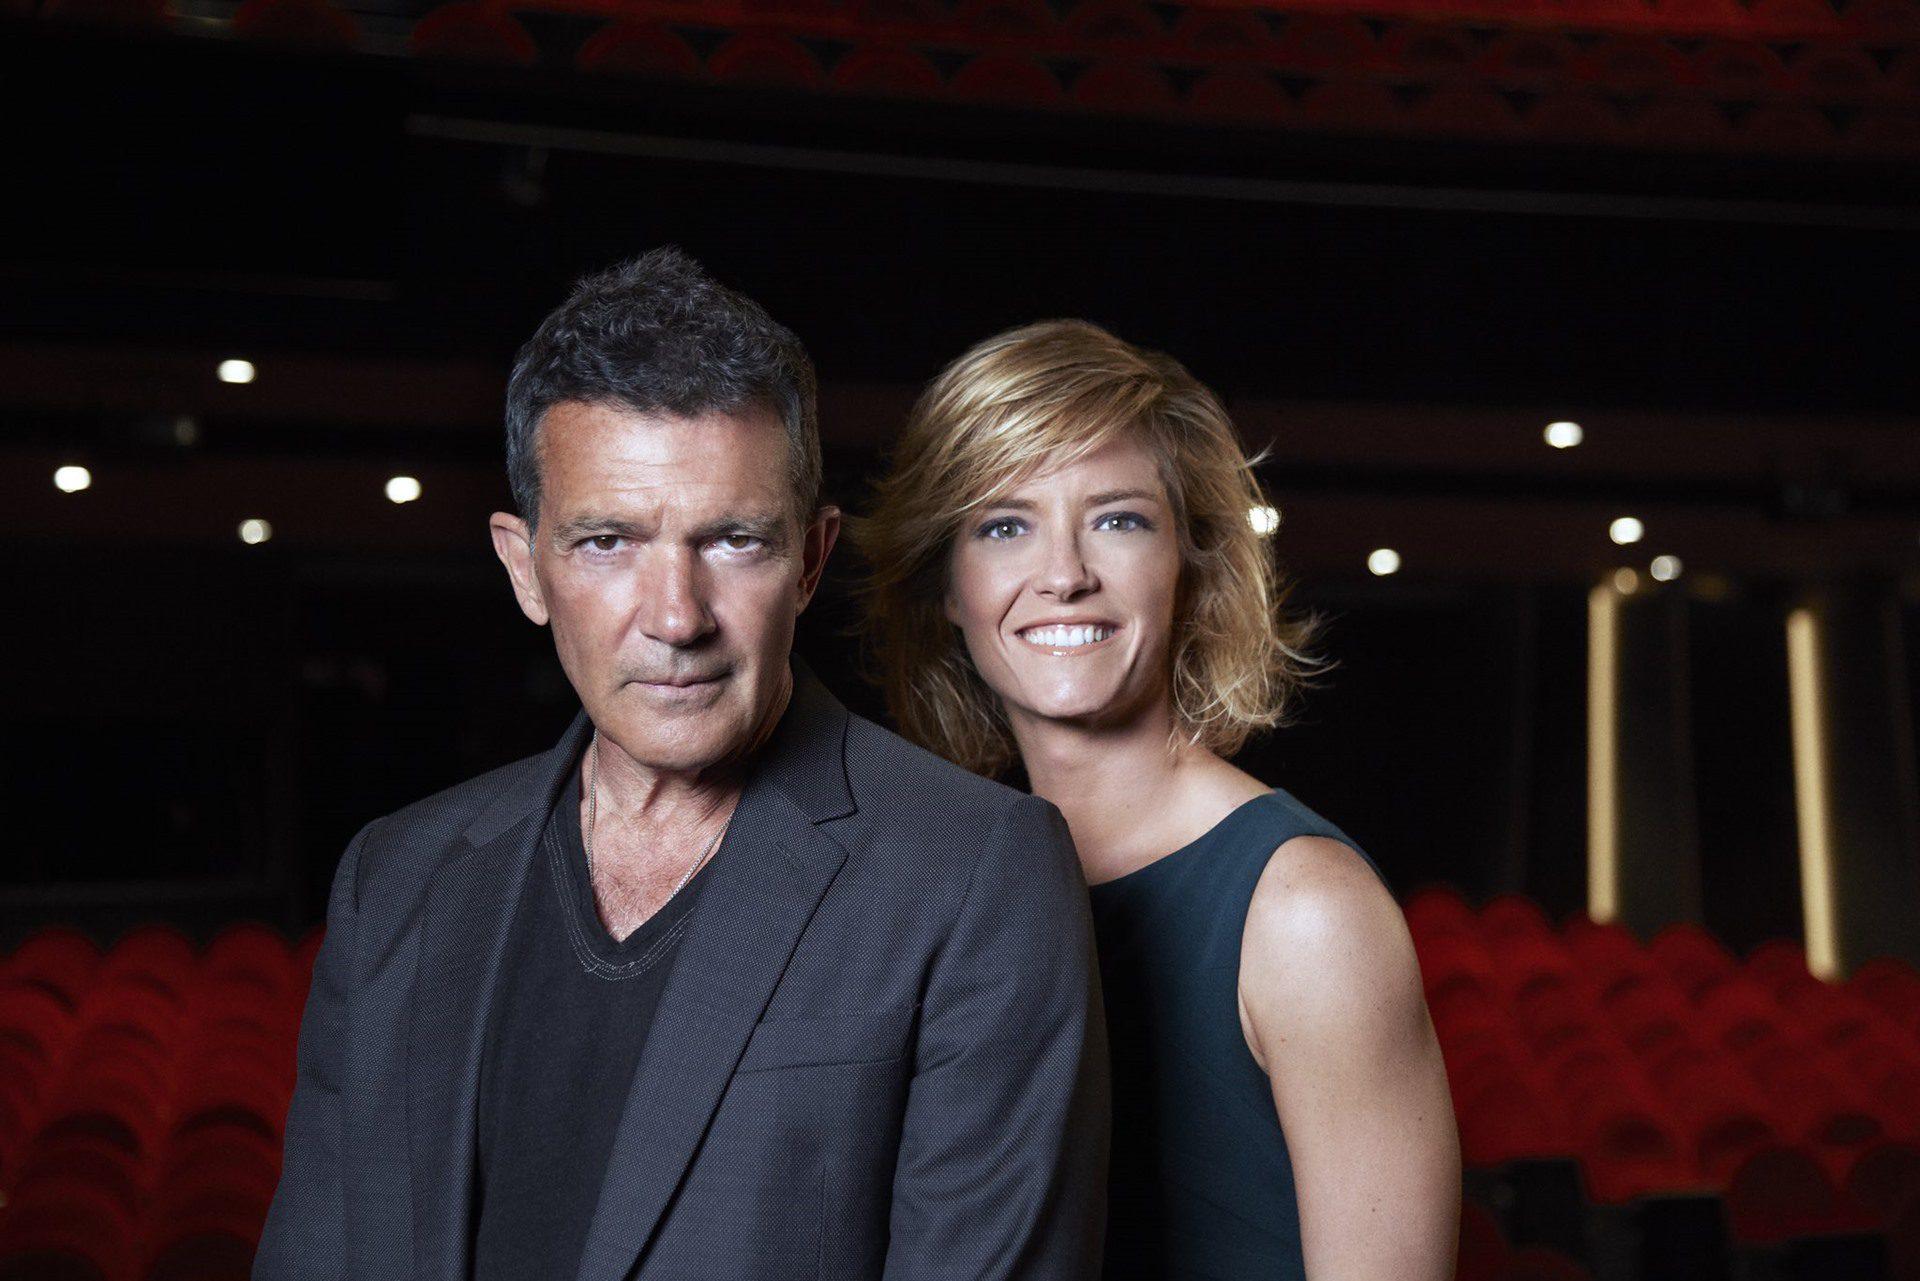 María Casado y Antonio Banderas en el Teatro del Soho en Málaga.